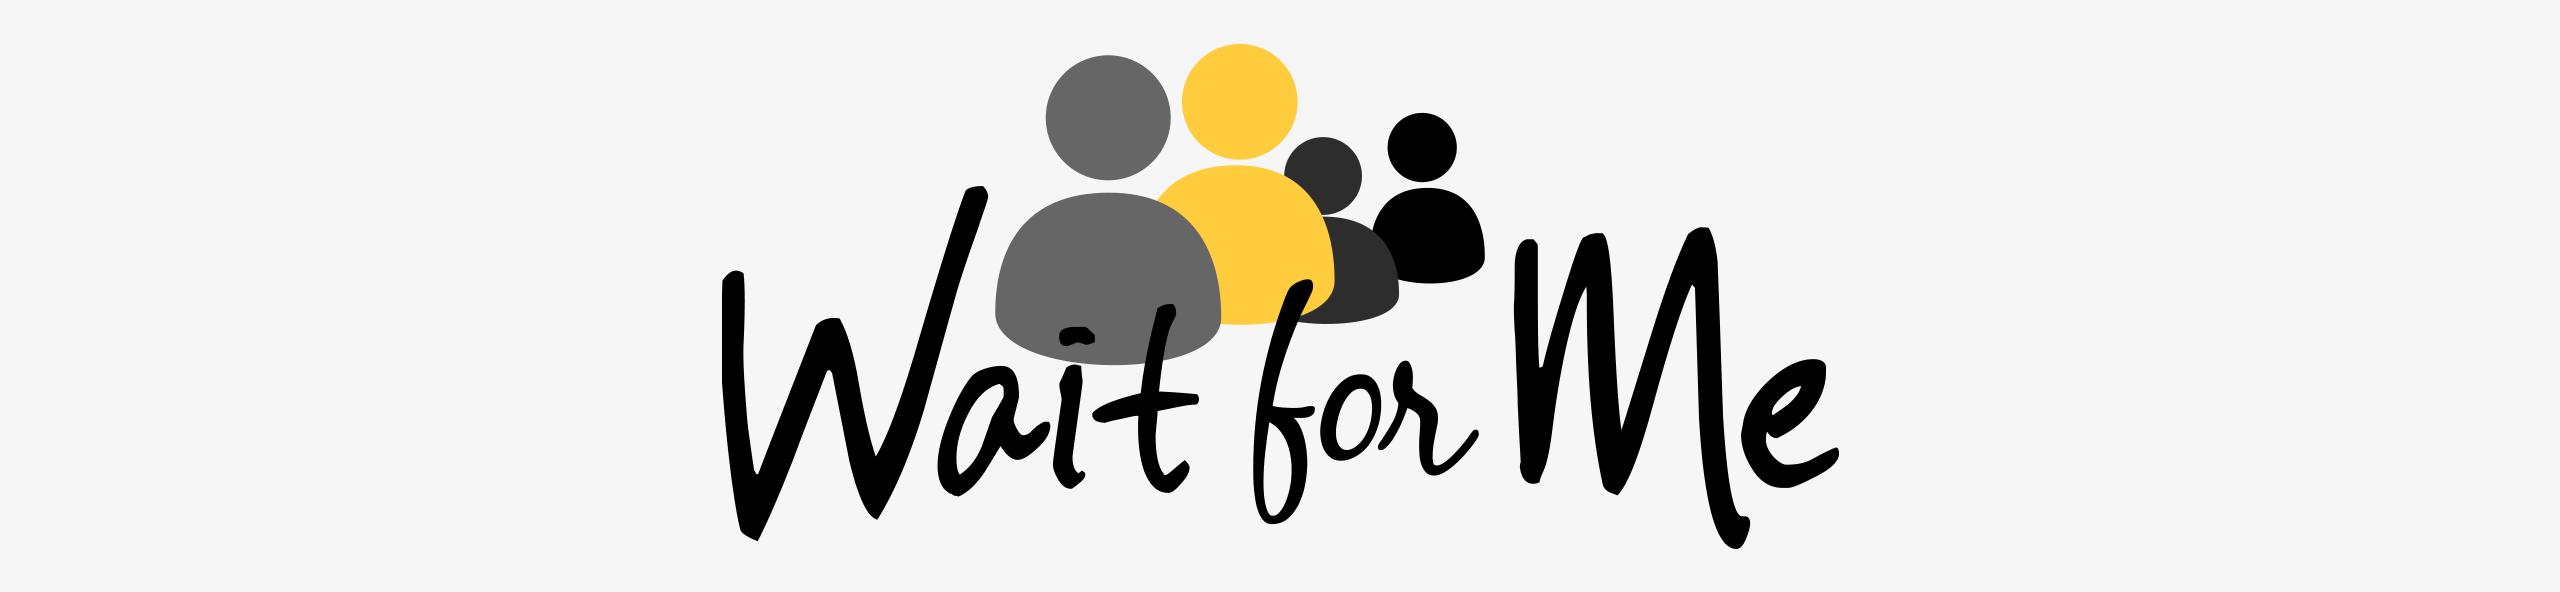 waitforme-logo